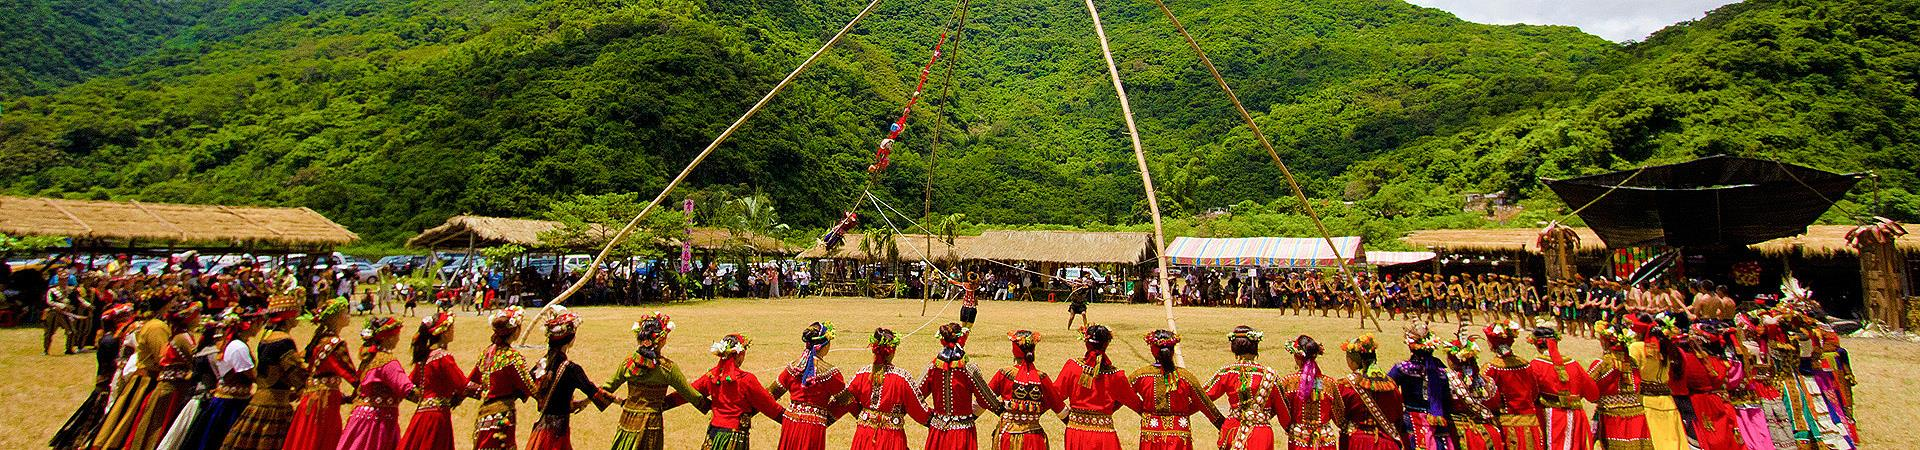 魯凱族豐年祭